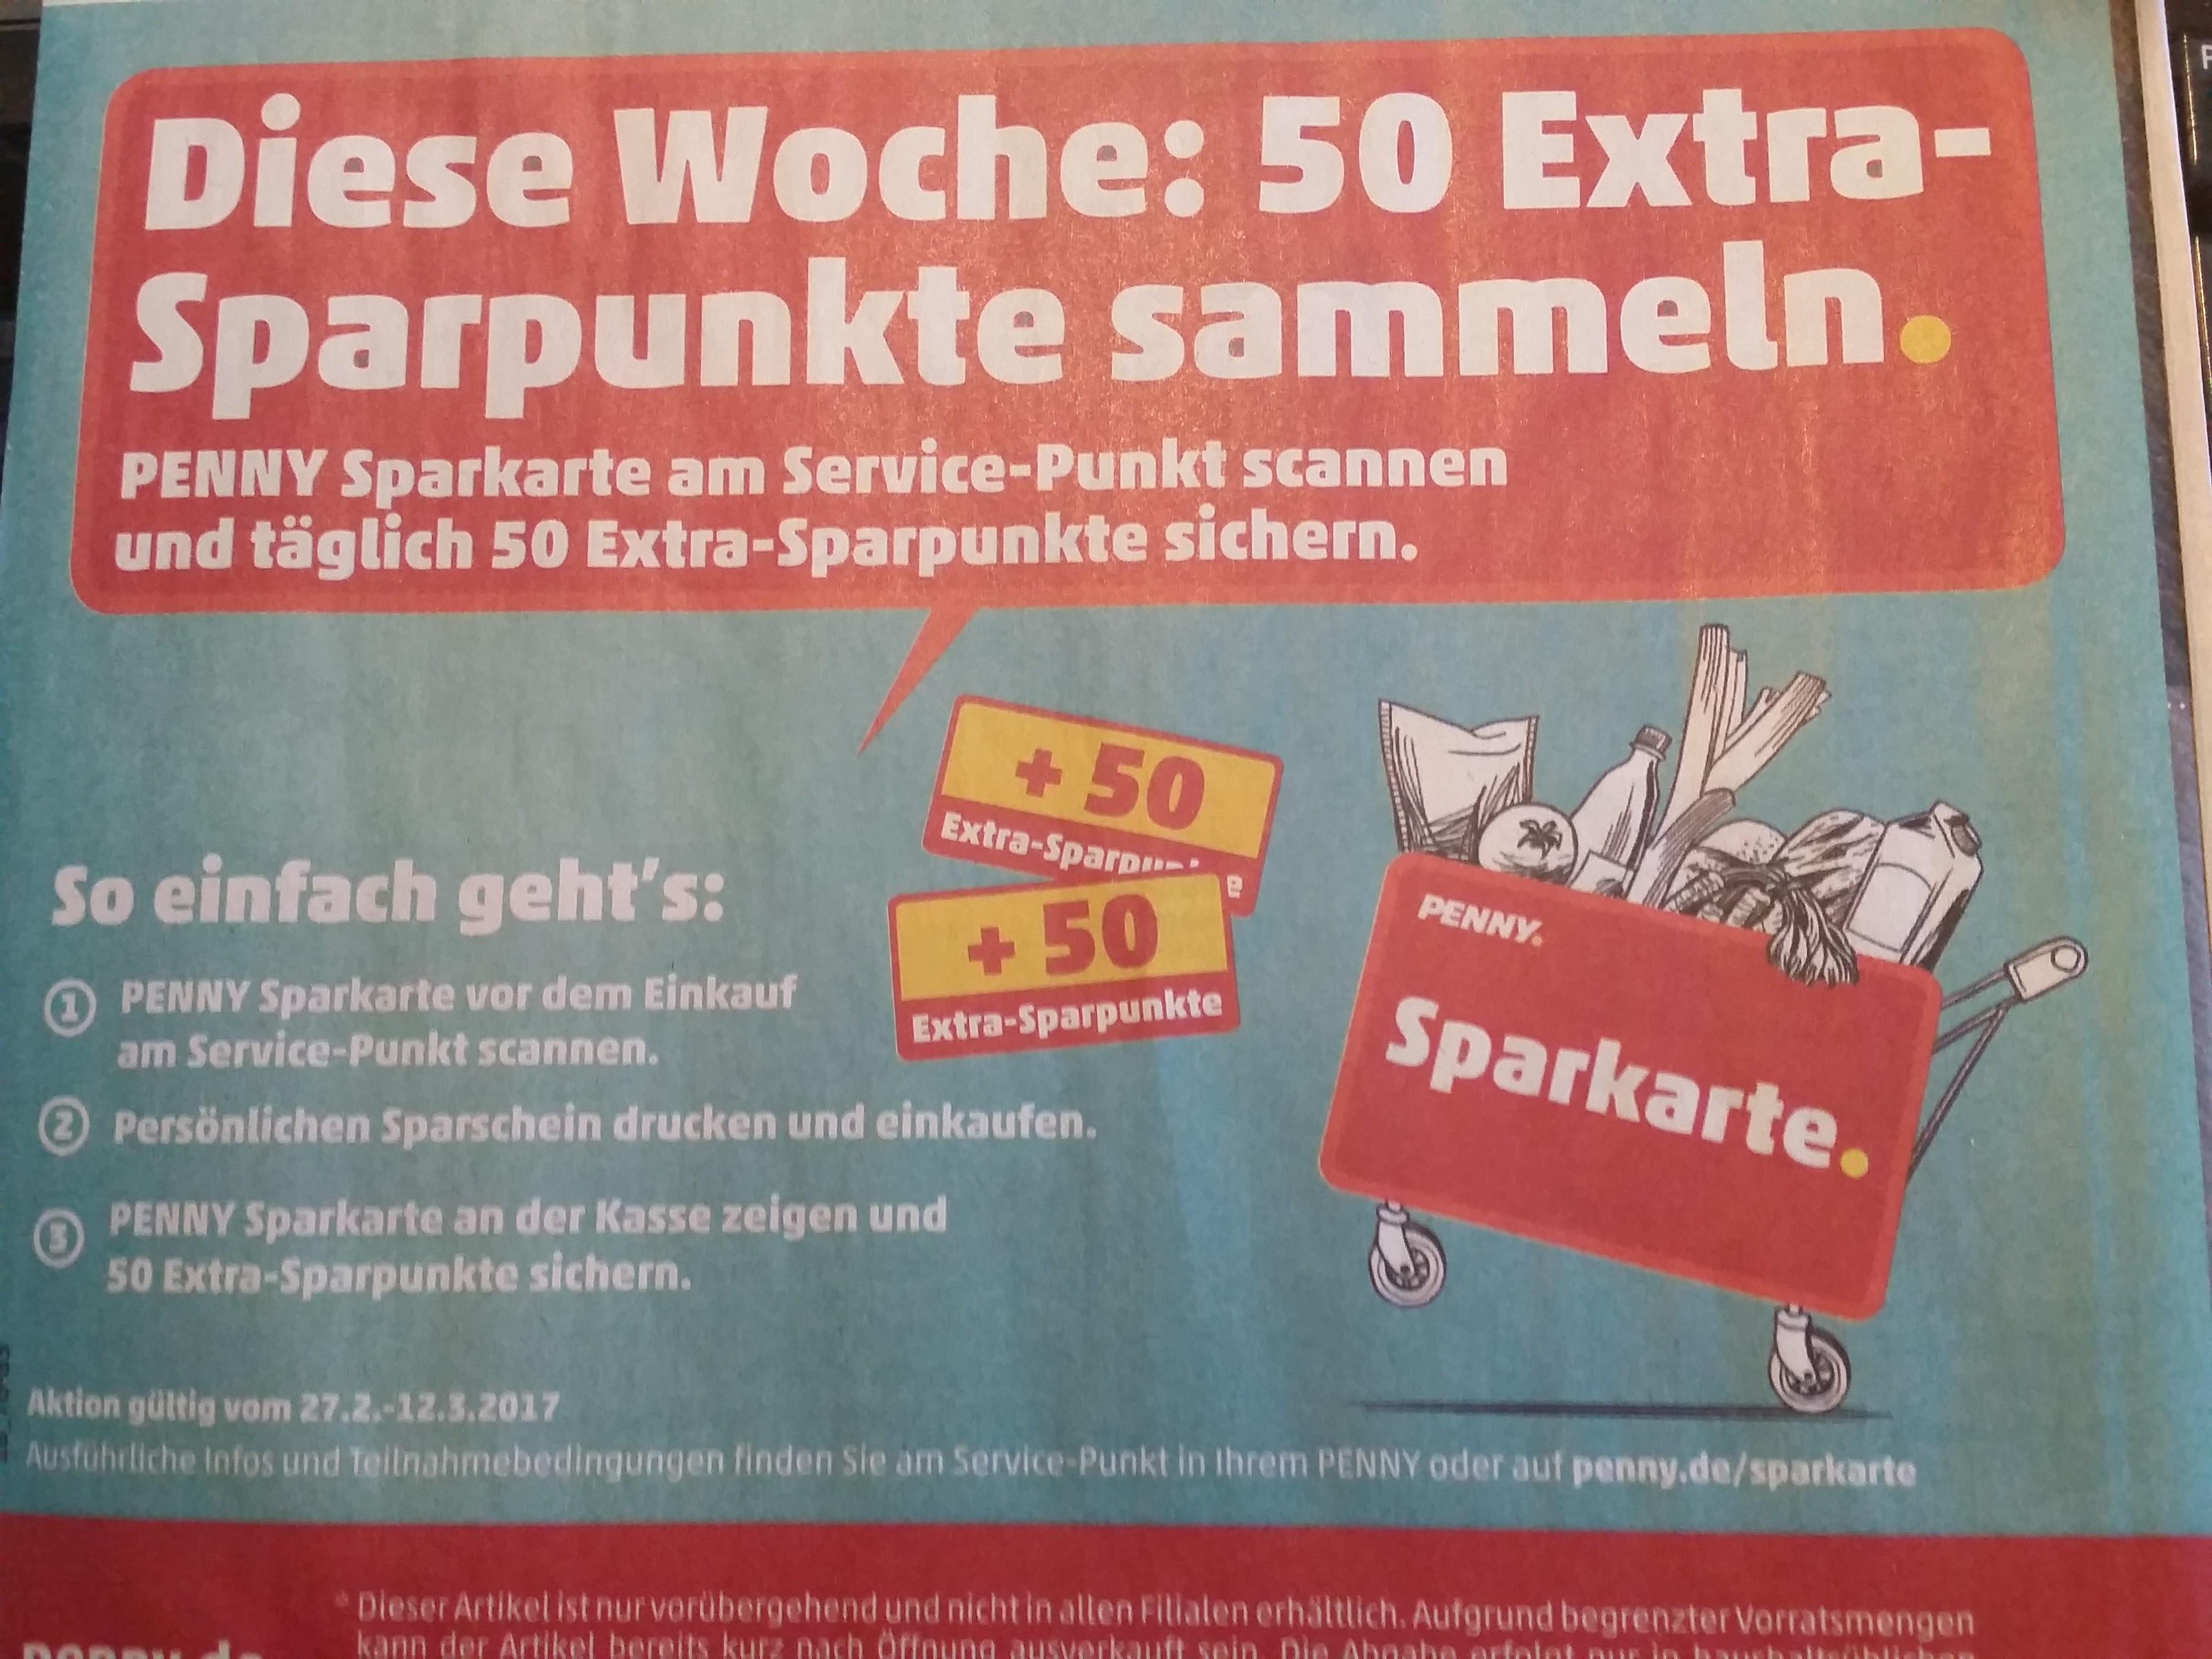 Penny Sparkarte täglich 50 Extra Sparpunkte sammeln [Lokal Nur im Raum Ettlingen / Kempten /Günzburg / Augsburg / Kaufbeuren]